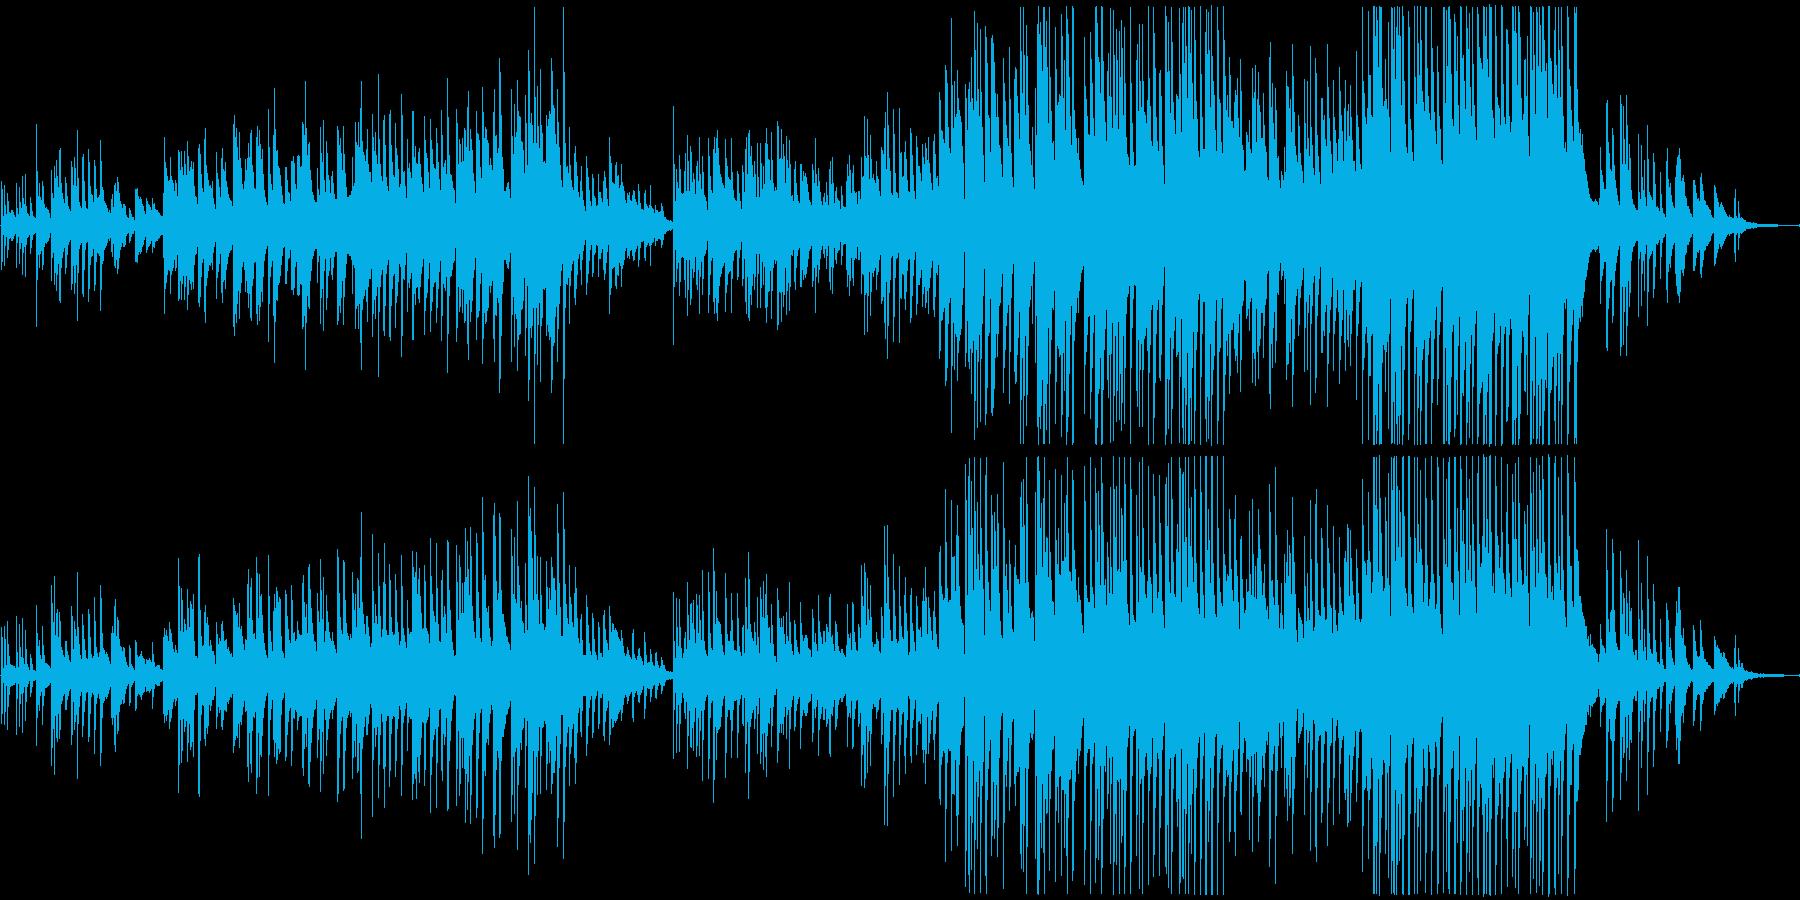 ホルスト組曲「惑星」の木星のピアノ版の再生済みの波形